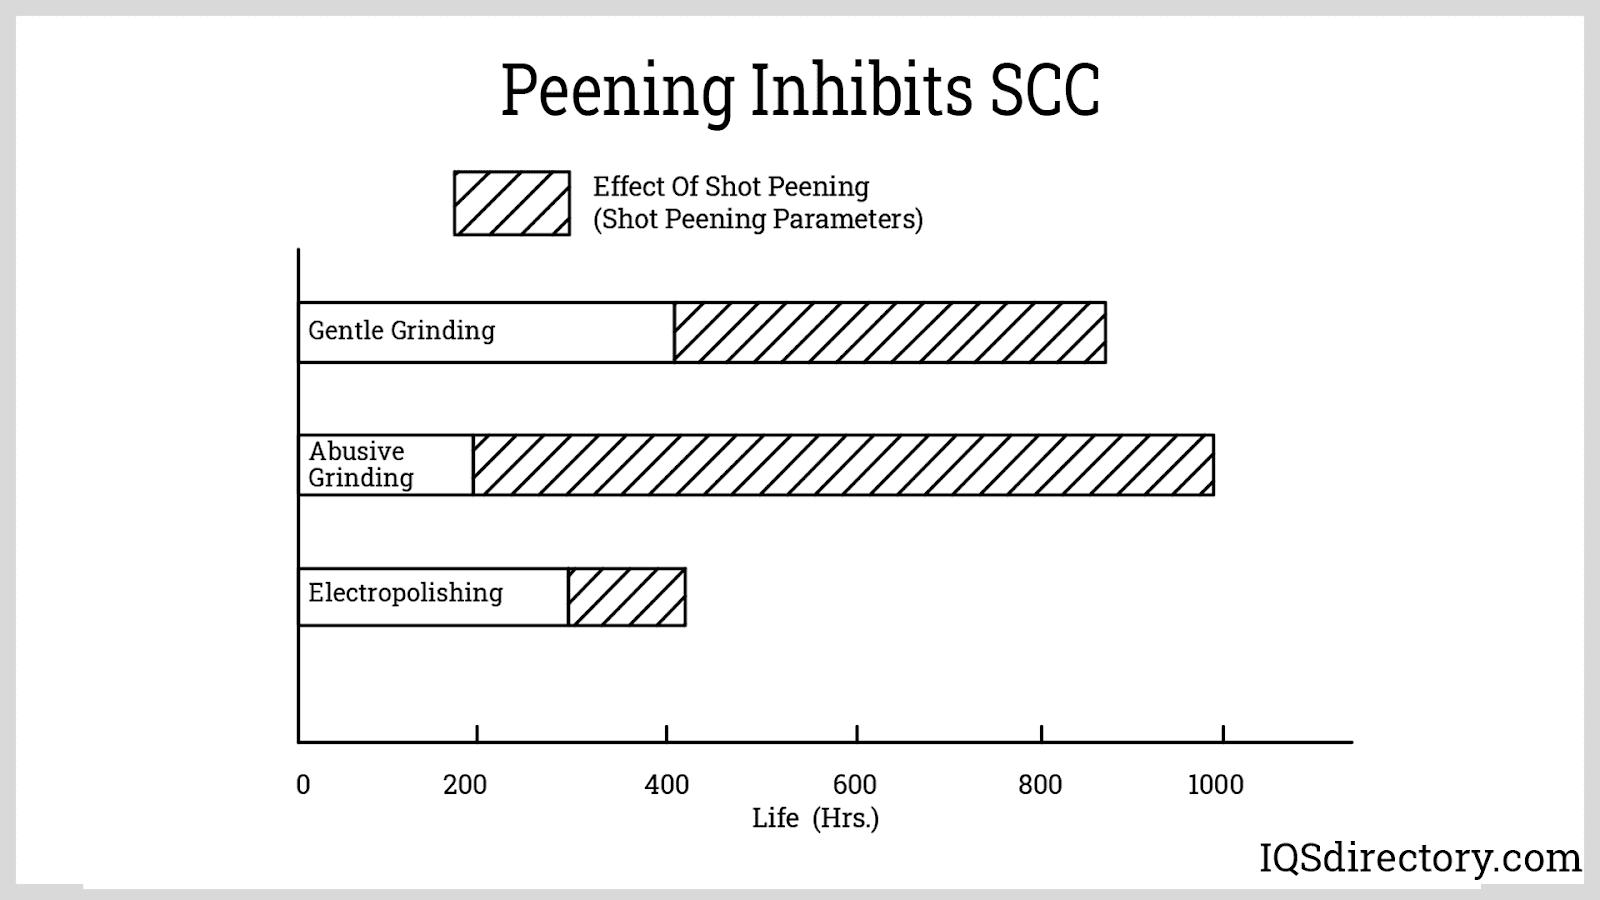 Peening Inhibits SCC